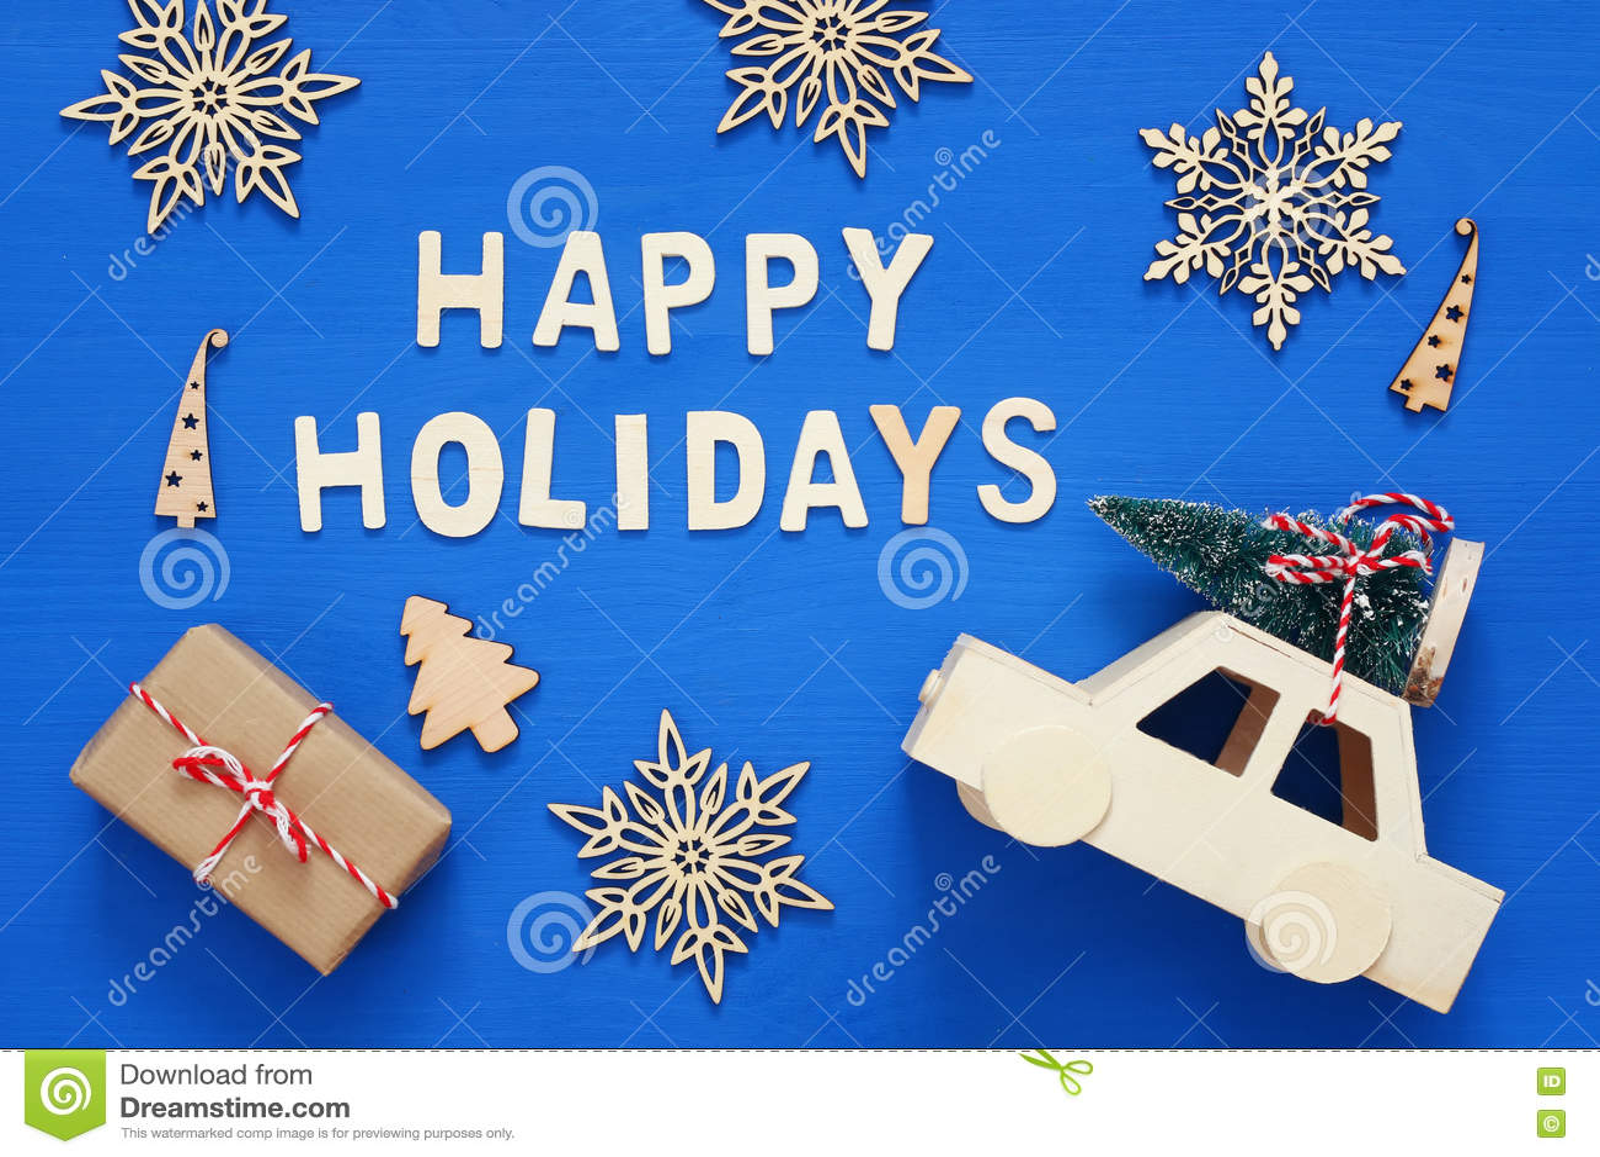 礼物盒、装饰雪花、圣诞树和和玩具加州